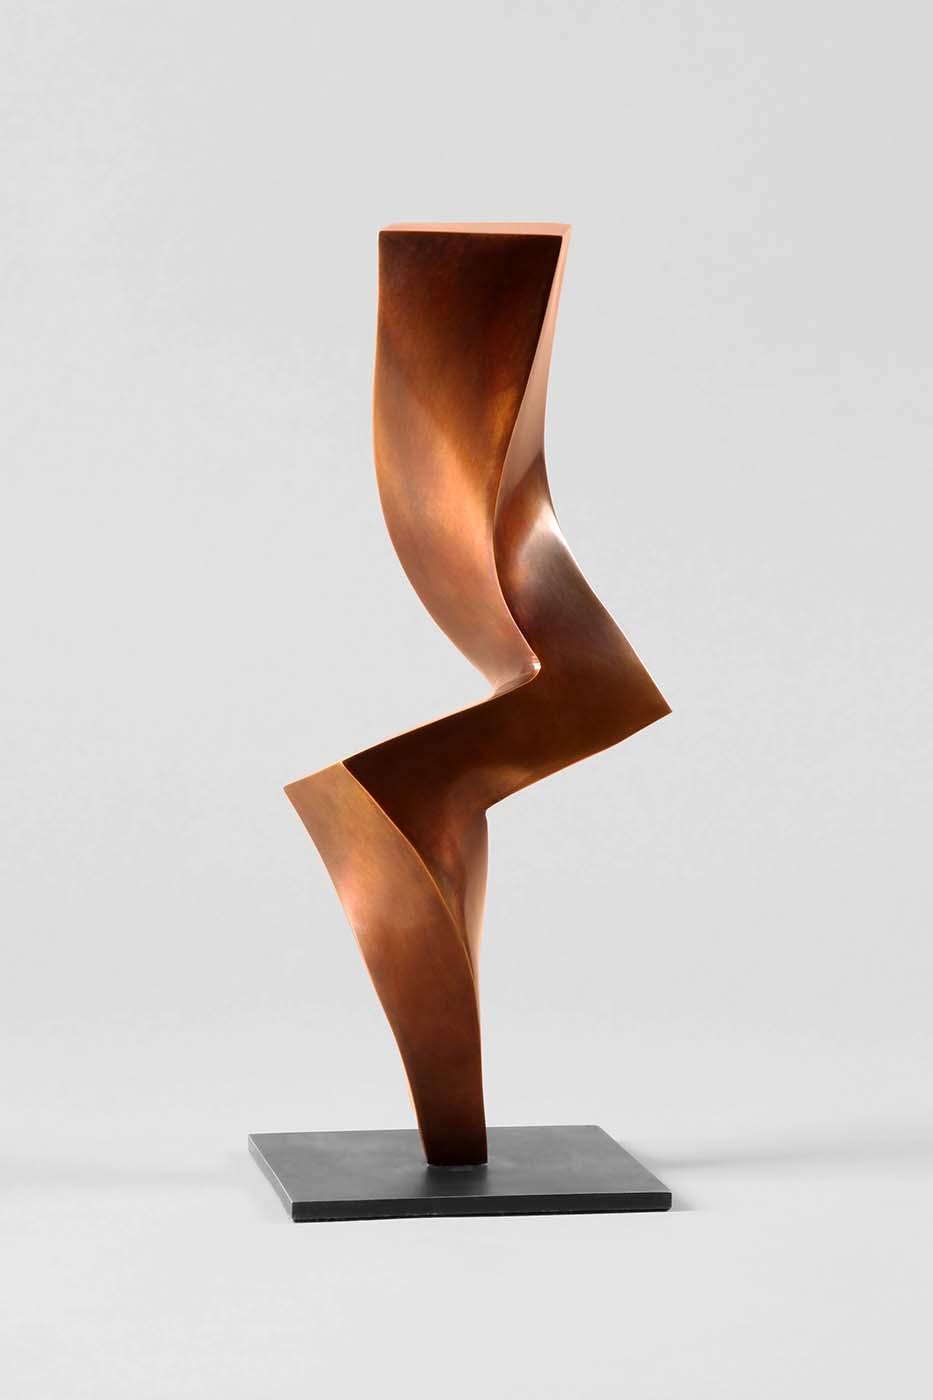 Tänzerin, 2013, Bronze, 30 x 12 x 6 cm (2)